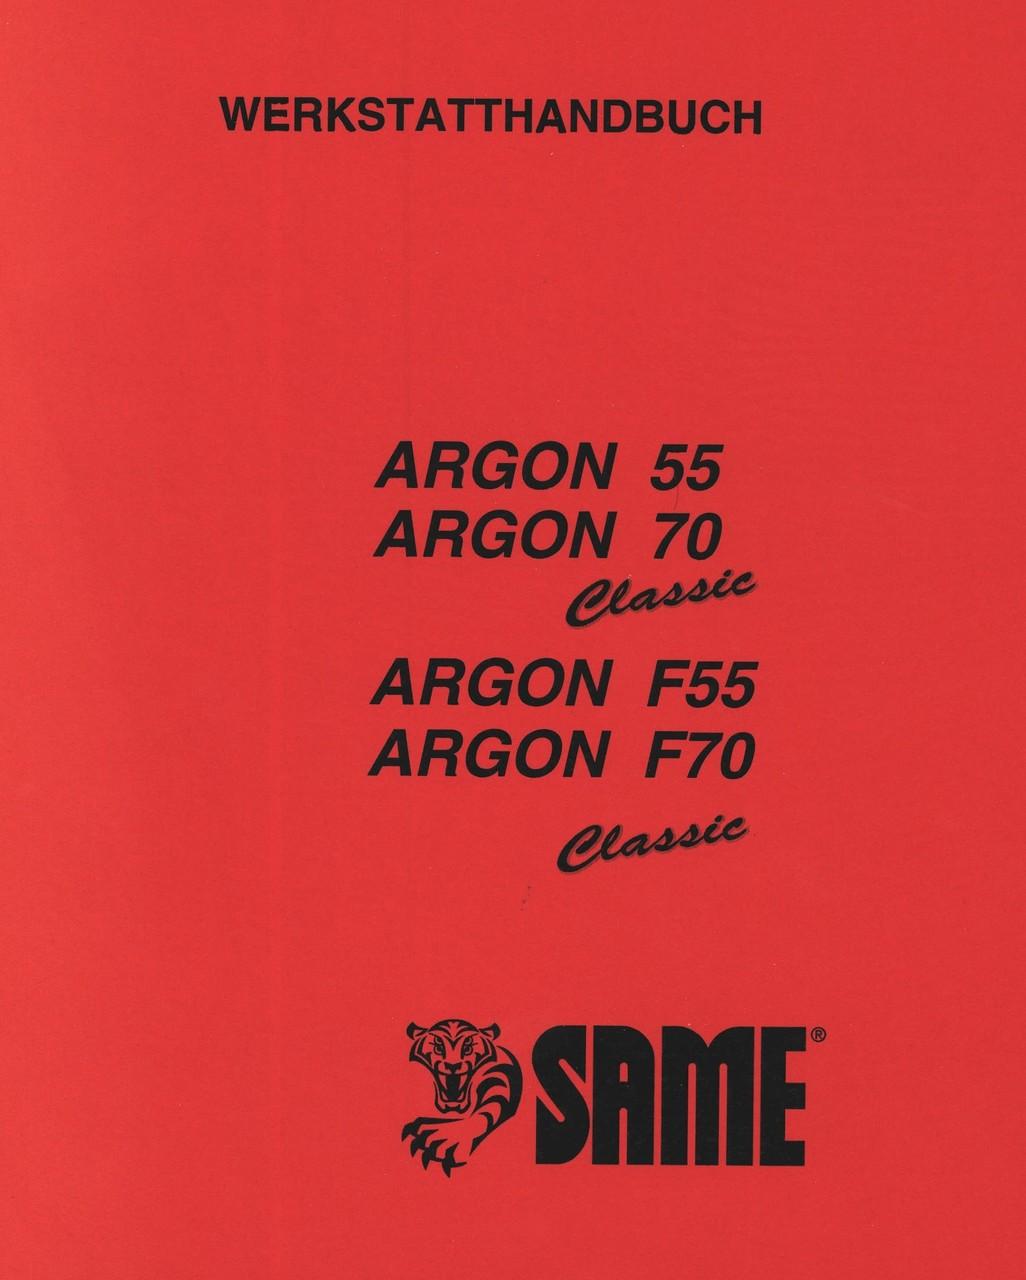 ARGON 55 CLASSIC - ARGON 70 CLASSIC - ARGON F 55 CLASSIC - ARGON F 70 CLASSIC - Werkstatthandbuch